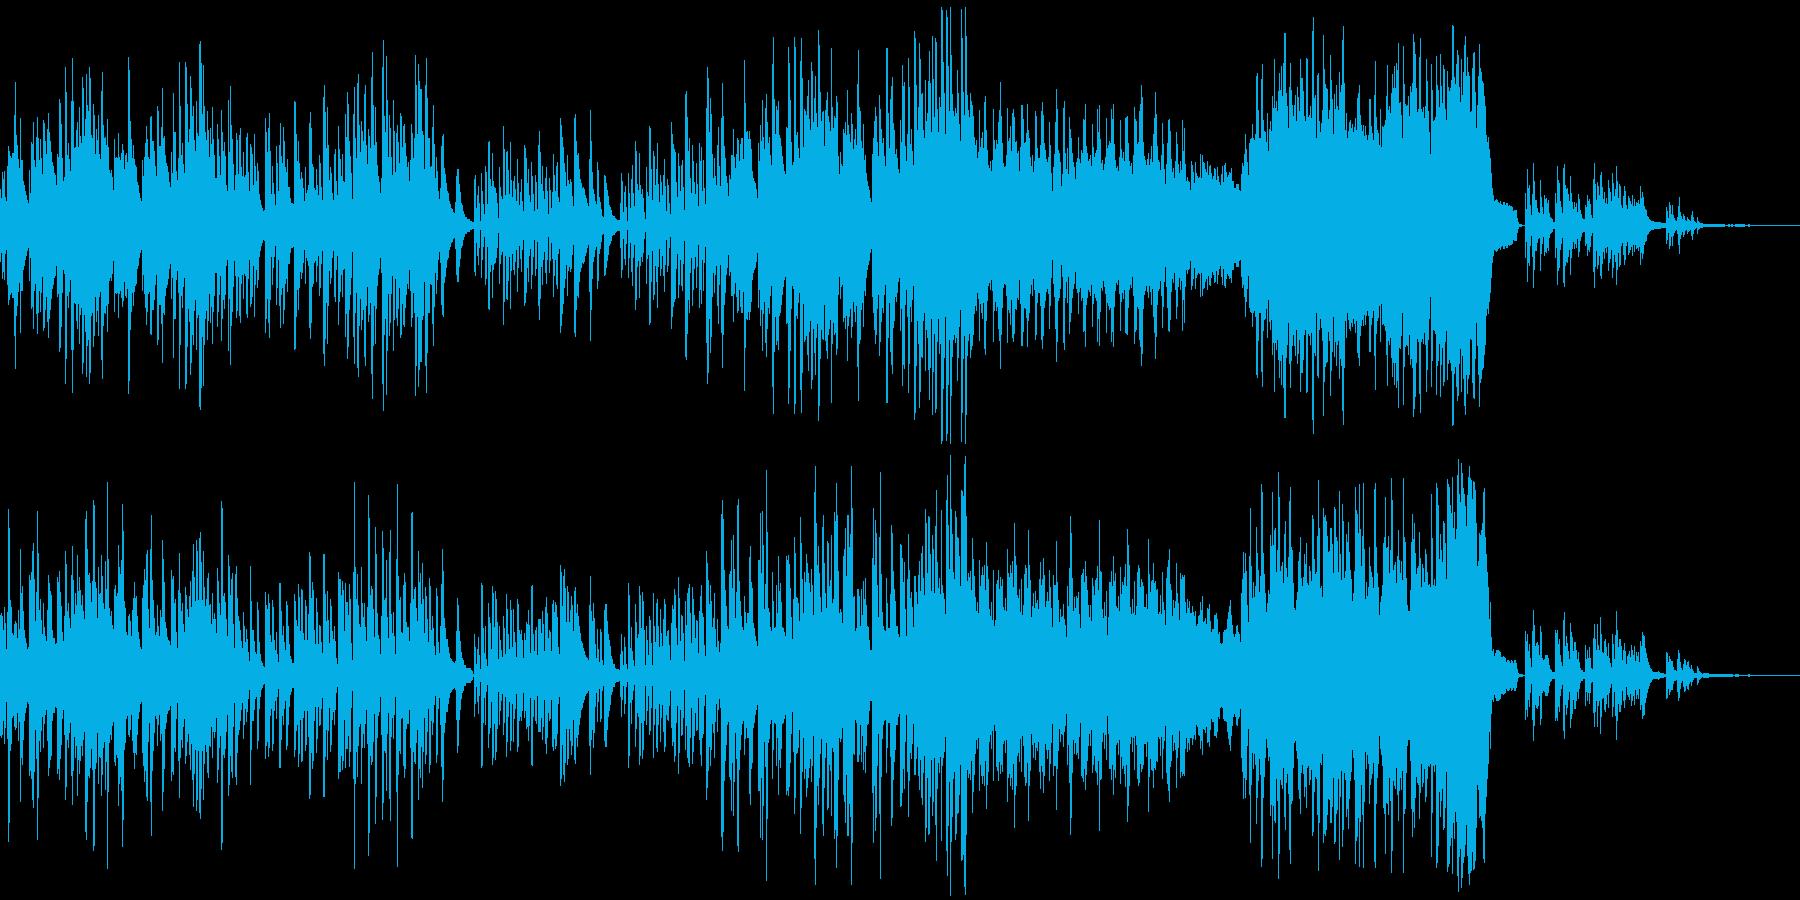 p008_しっとり寂しげなピアノソロの再生済みの波形